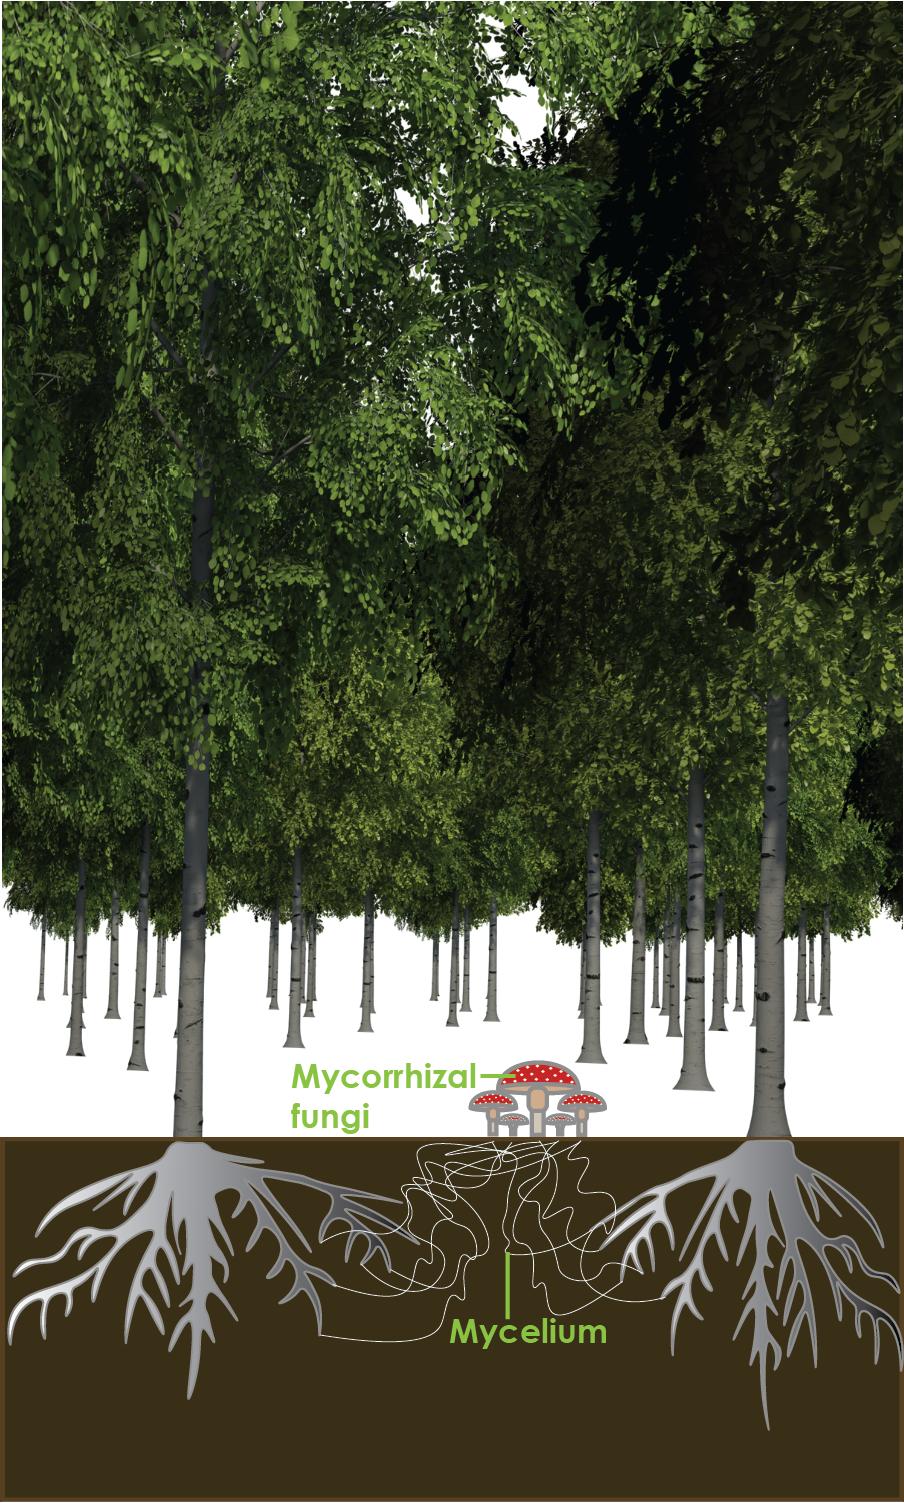 Wood wide web, mycorrhizal fungi